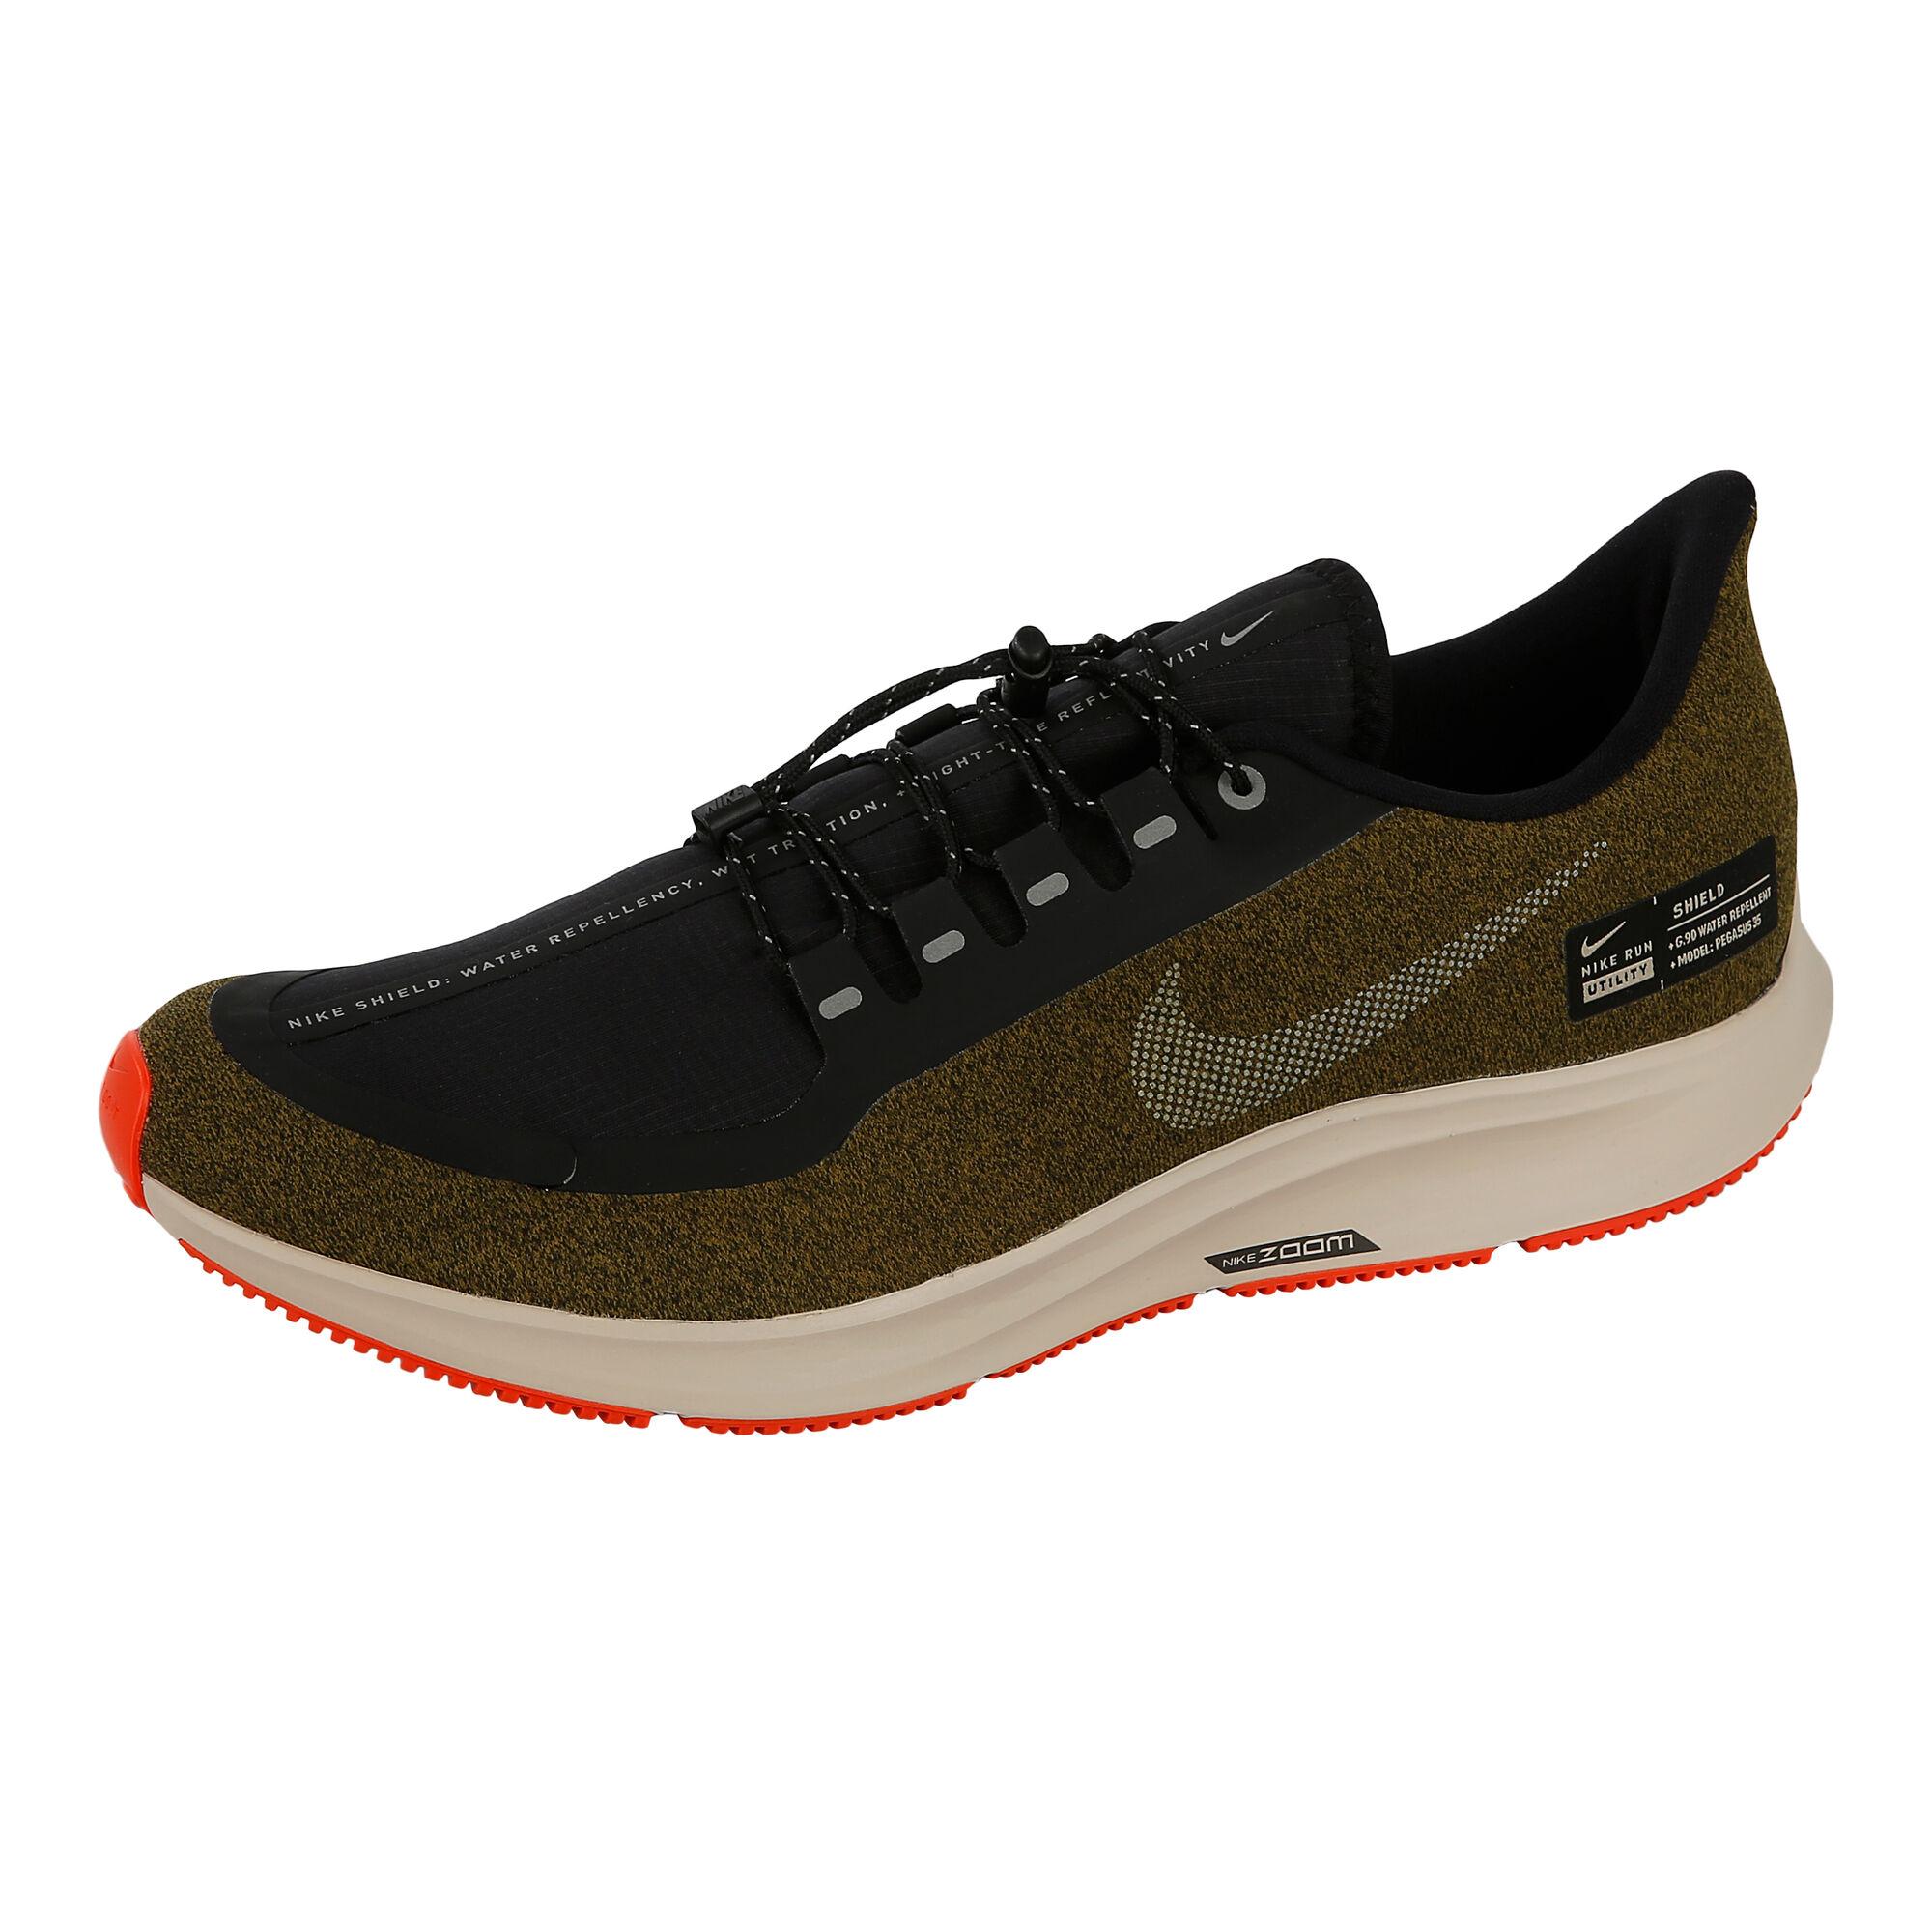 66e10aef9078 Nike  Nike  Nike  Nike  Nike  Nike  Nike  Nike  Nike  Nike. Air Zoom  Pegasus 35 ...